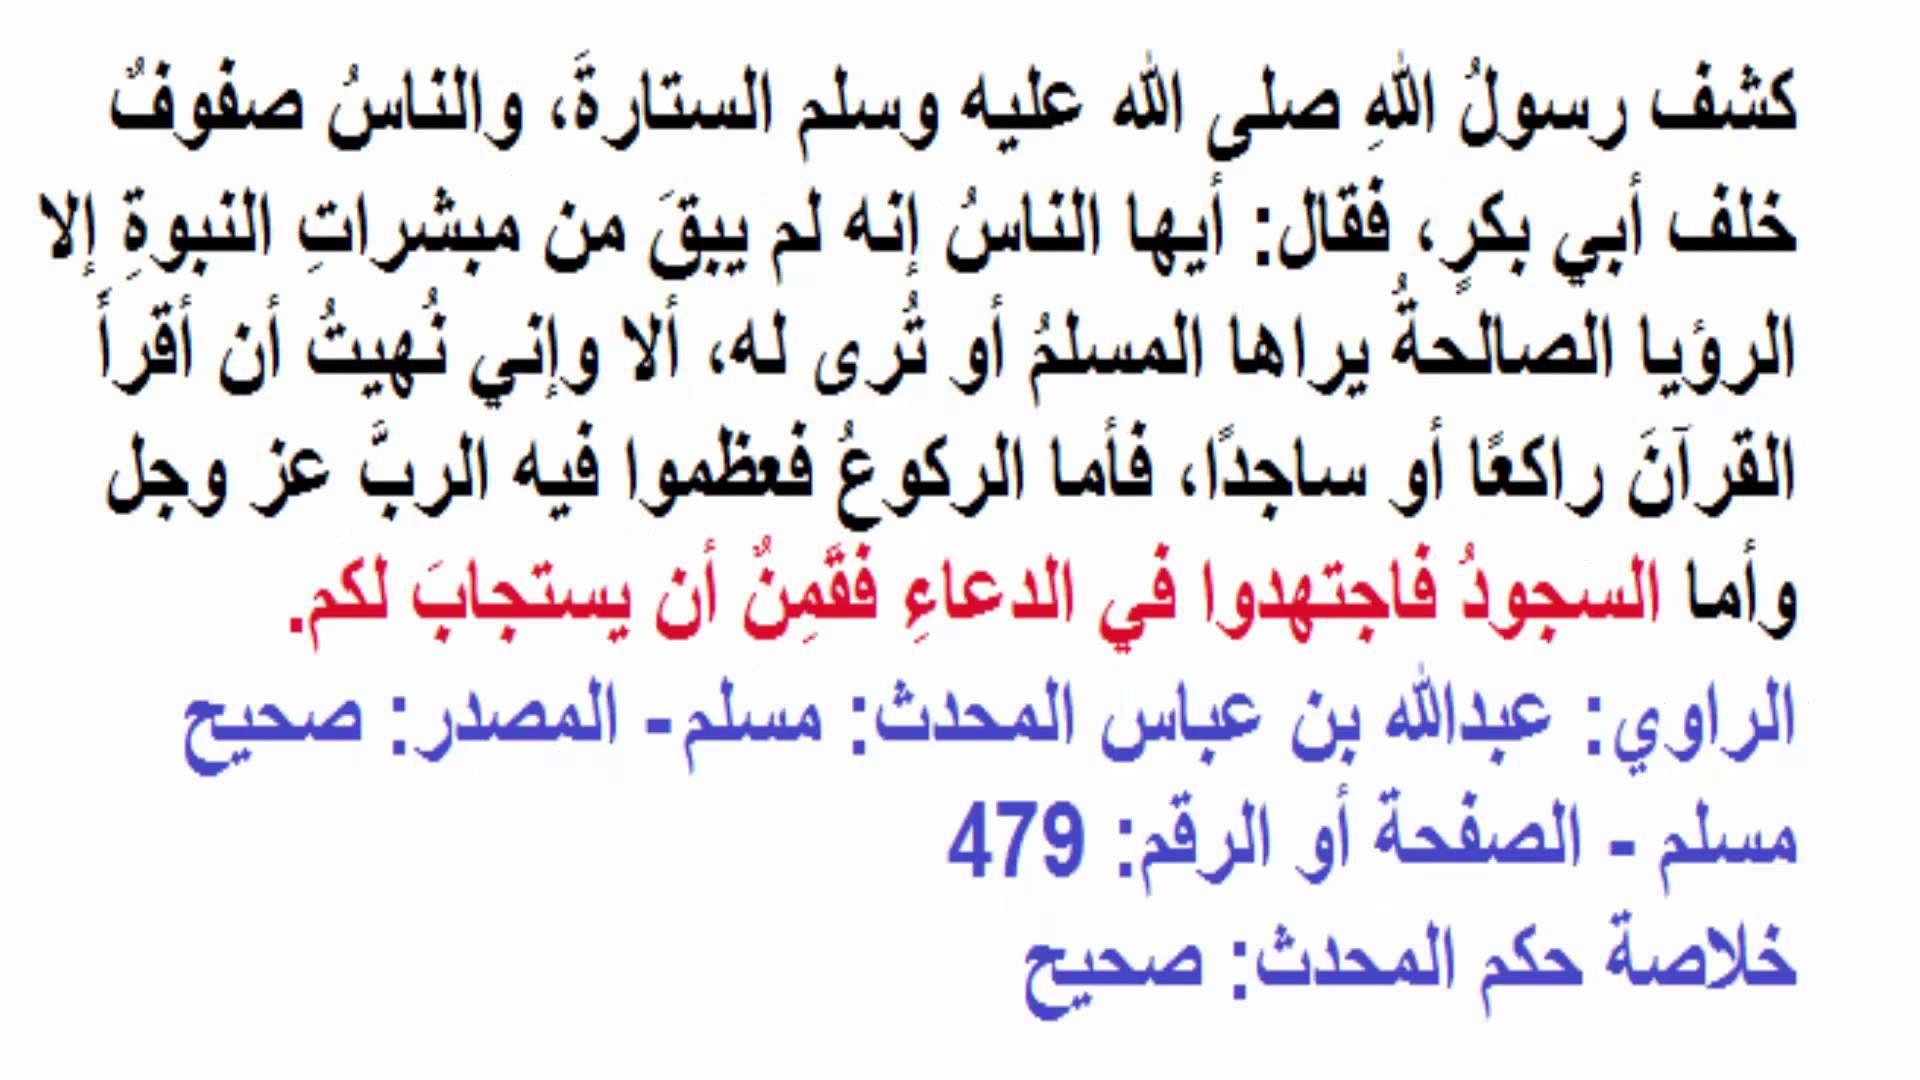 الدعاء المستجاب ومتى يستجاب الدعاء من الأحاديث النبوية الصحيحة من مواطن استجابة الدعاء Ramadan Peace Math